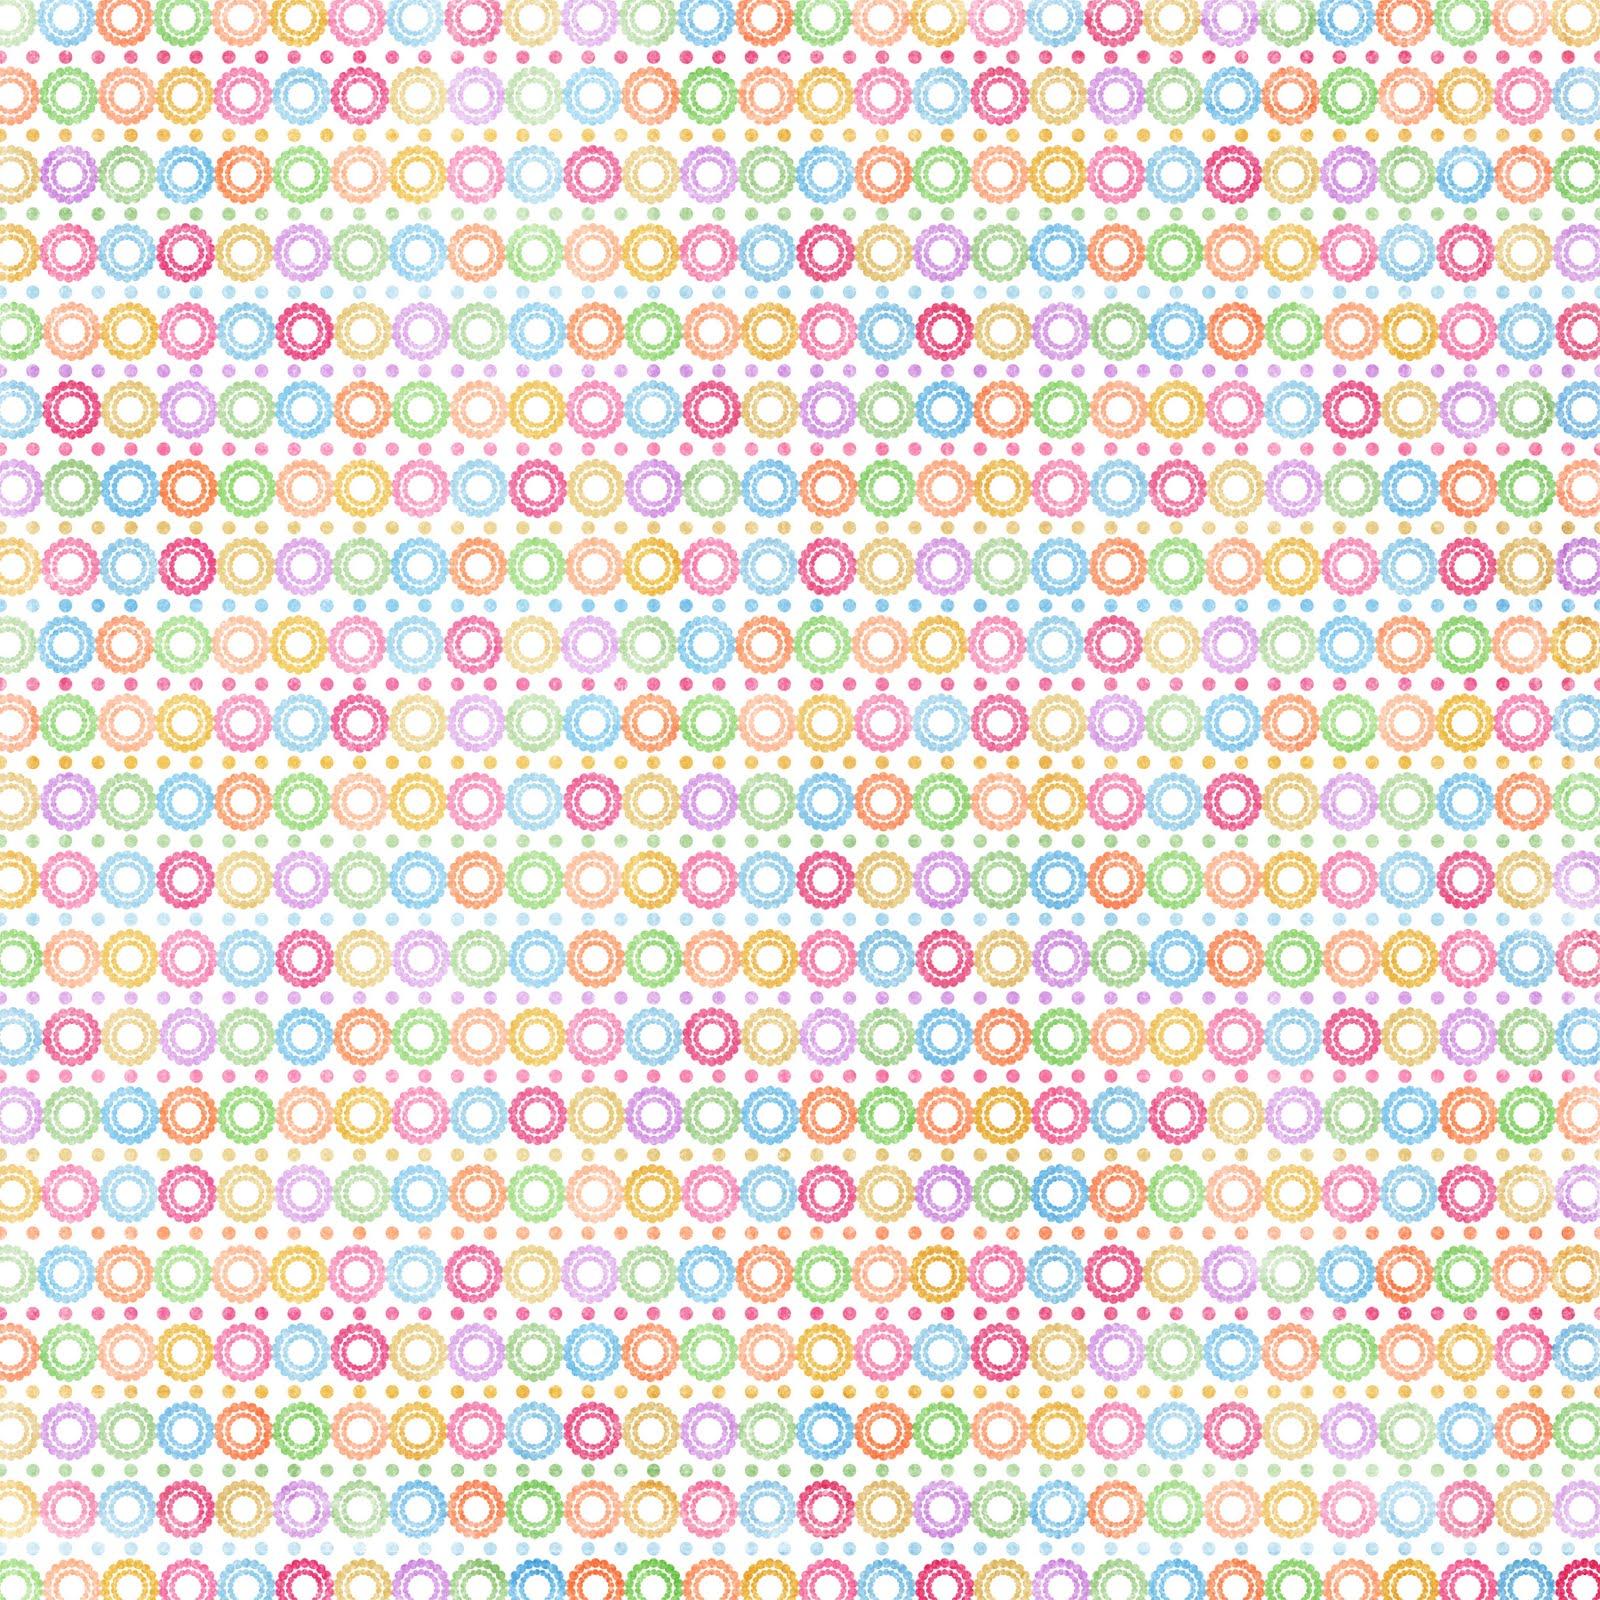 http://2.bp.blogspot.com/_omiG-WZLpN4/TMwyu6fYlNI/AAAAAAAABG8/NfOCyAMu6_E/s1600/SP_SpringBreeze_Paper_Circles.jpg